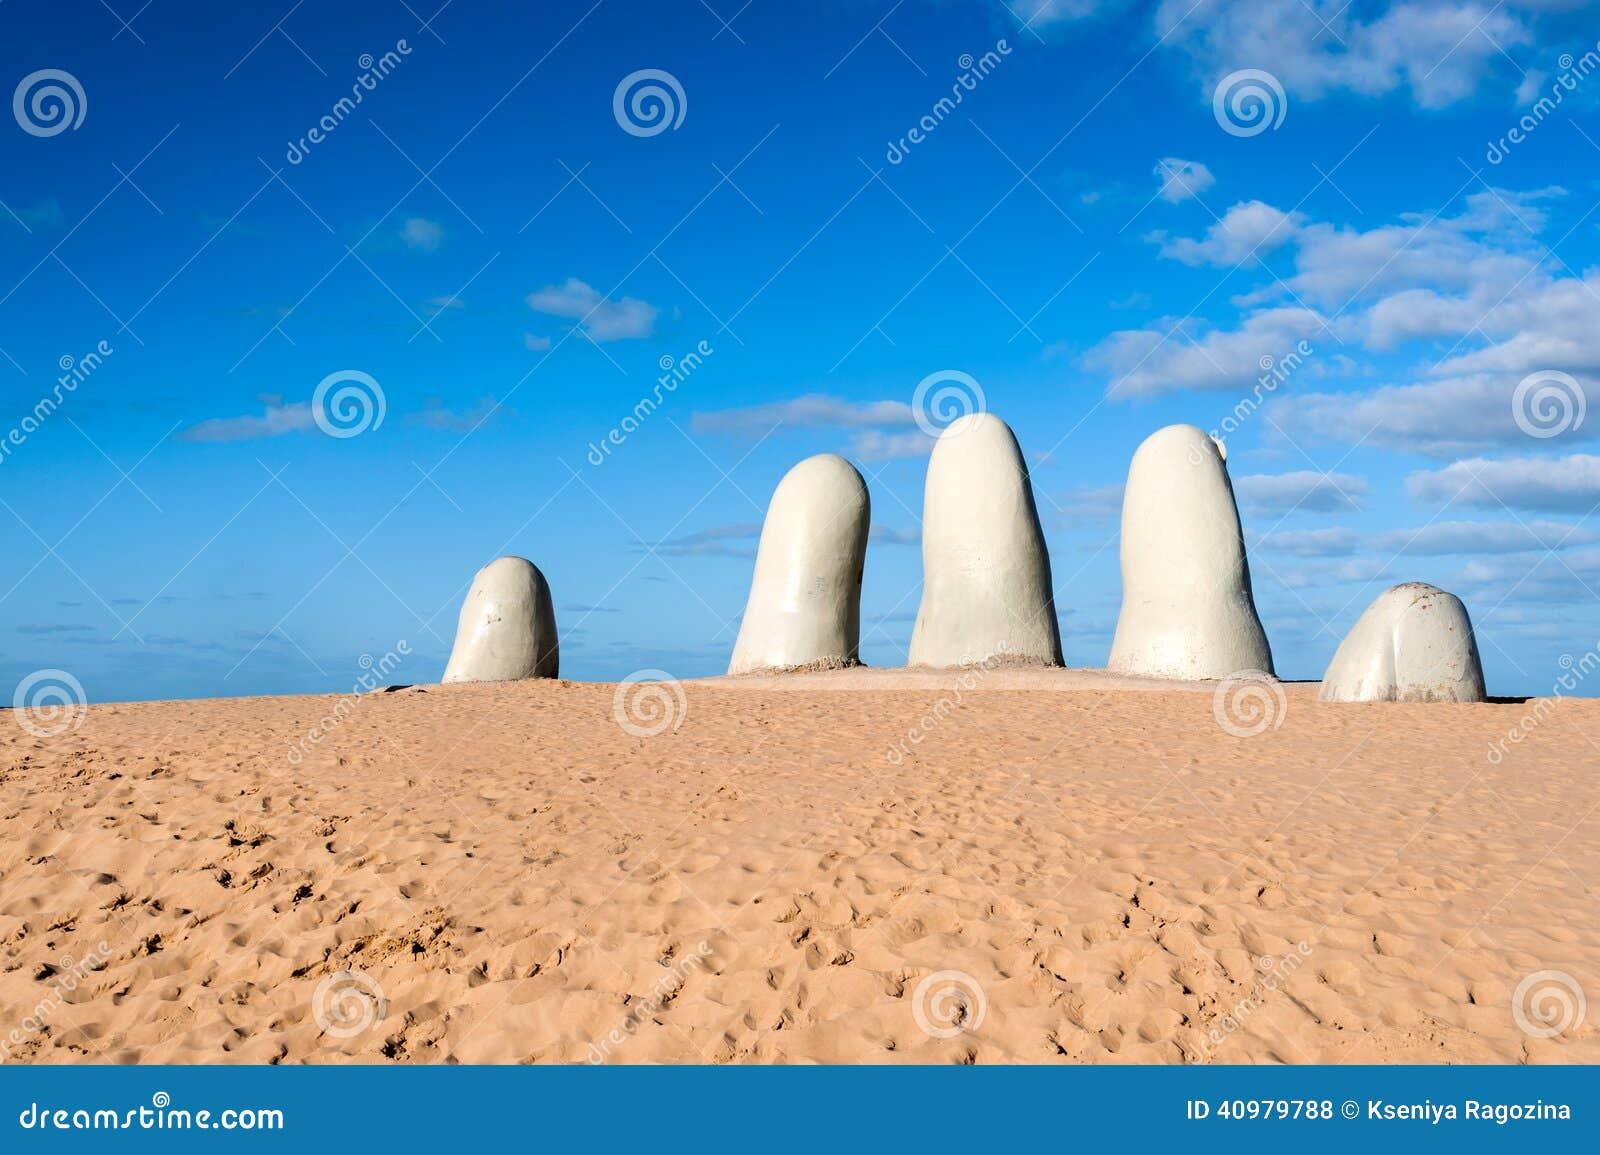 Το γλυπτό χεριών, πόλη Punta del Este, Ουρουγουάη